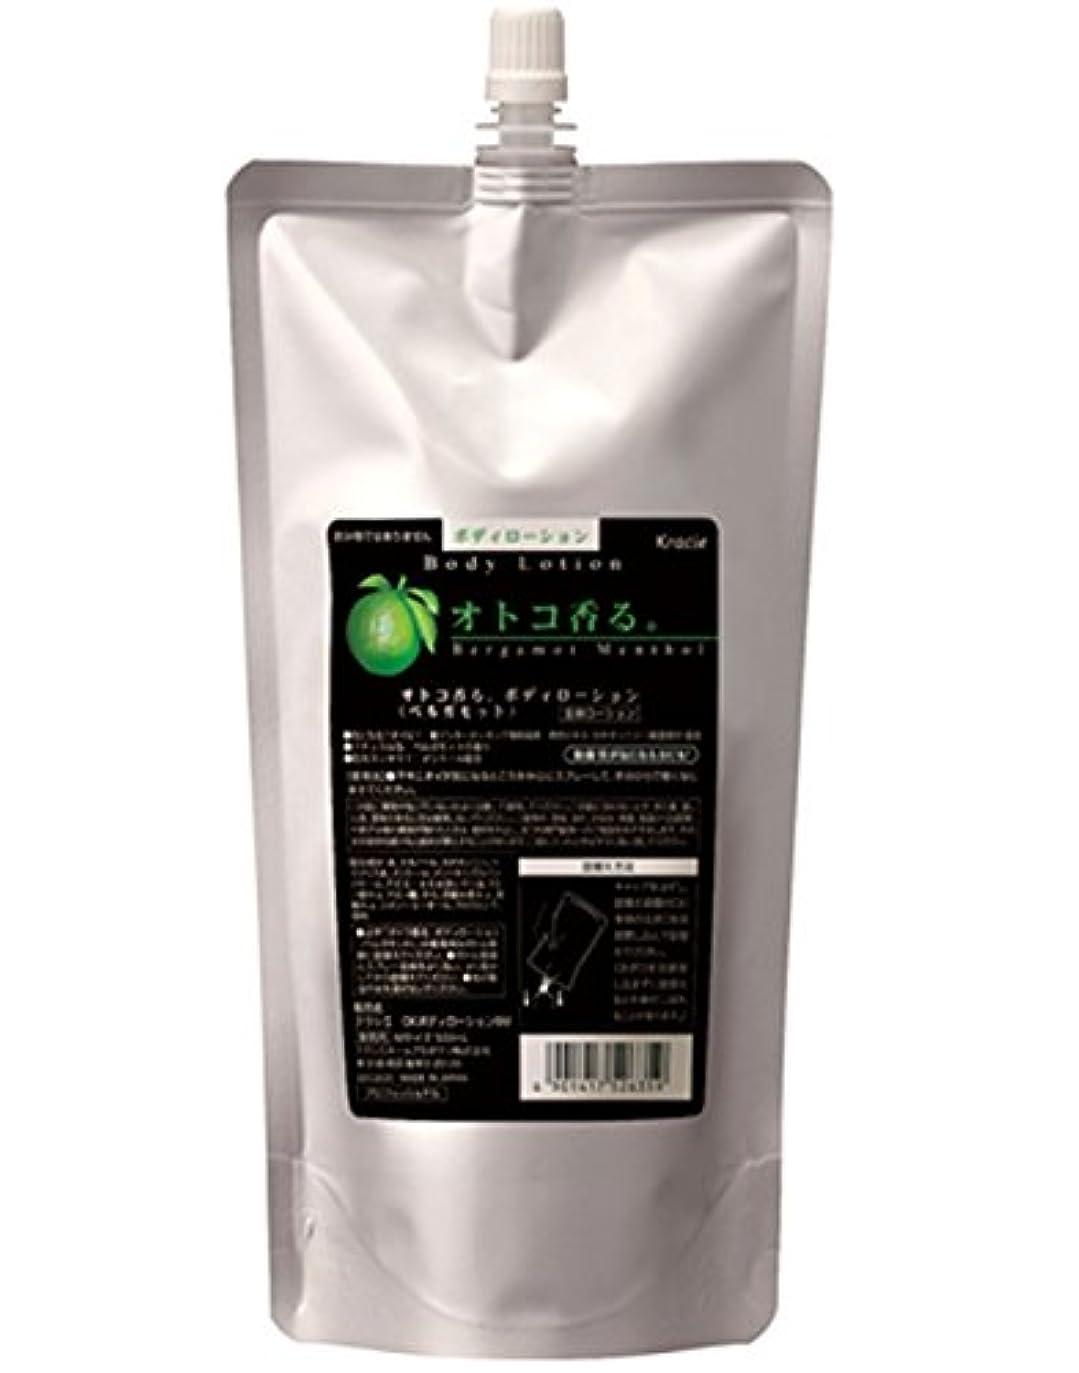 賭け空虚ミュウミュウクラシエ オトコ香る ボディローション(ベルガモット) 500ml 詰替(レフィル)